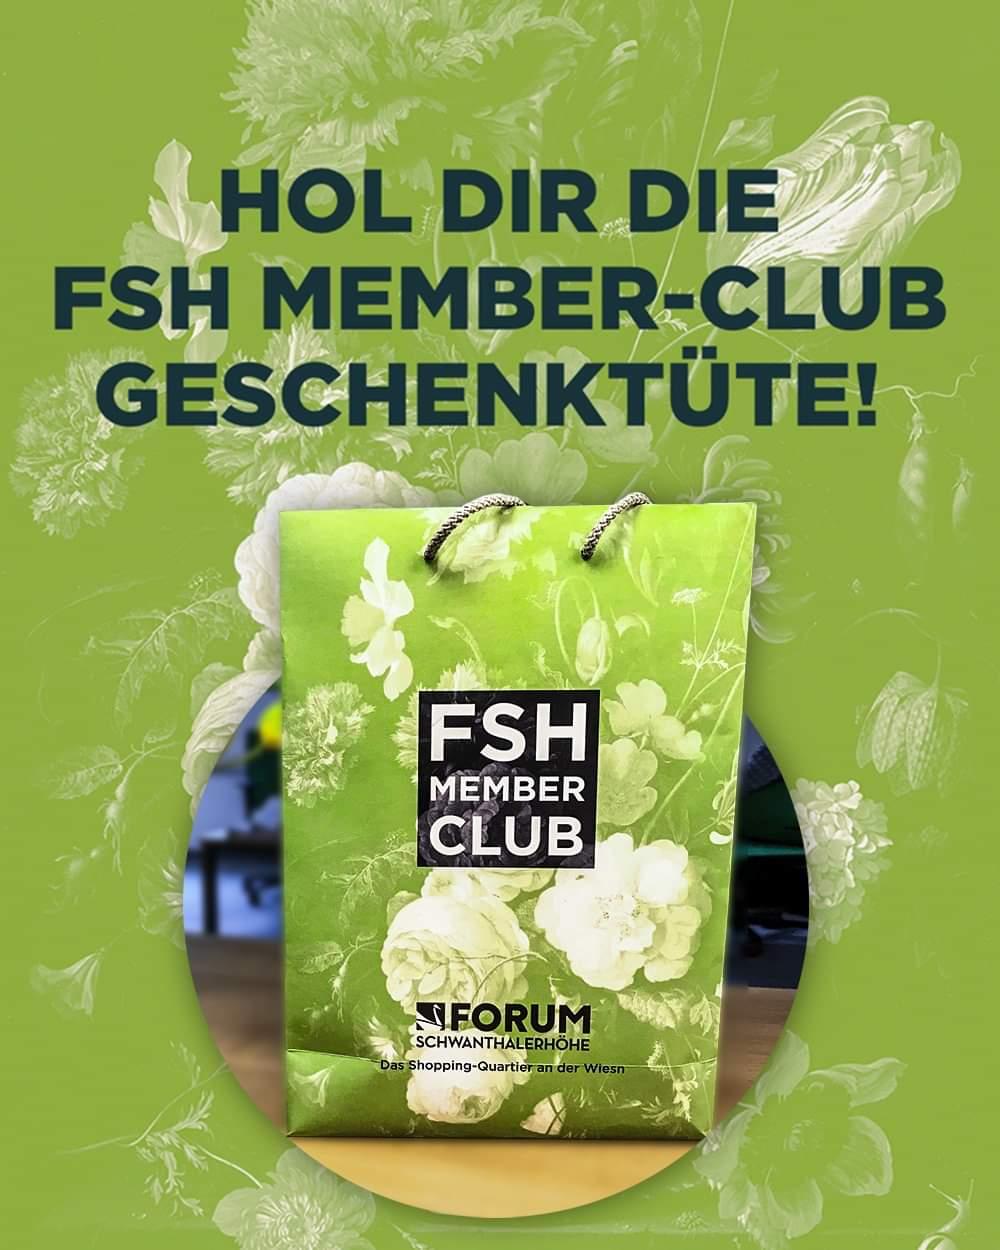 [lokal München] Kostenlose VIP-Geschenktüte bei Anmeldung zum FSH Member-Club (Einkaufszentrum / Freebies)